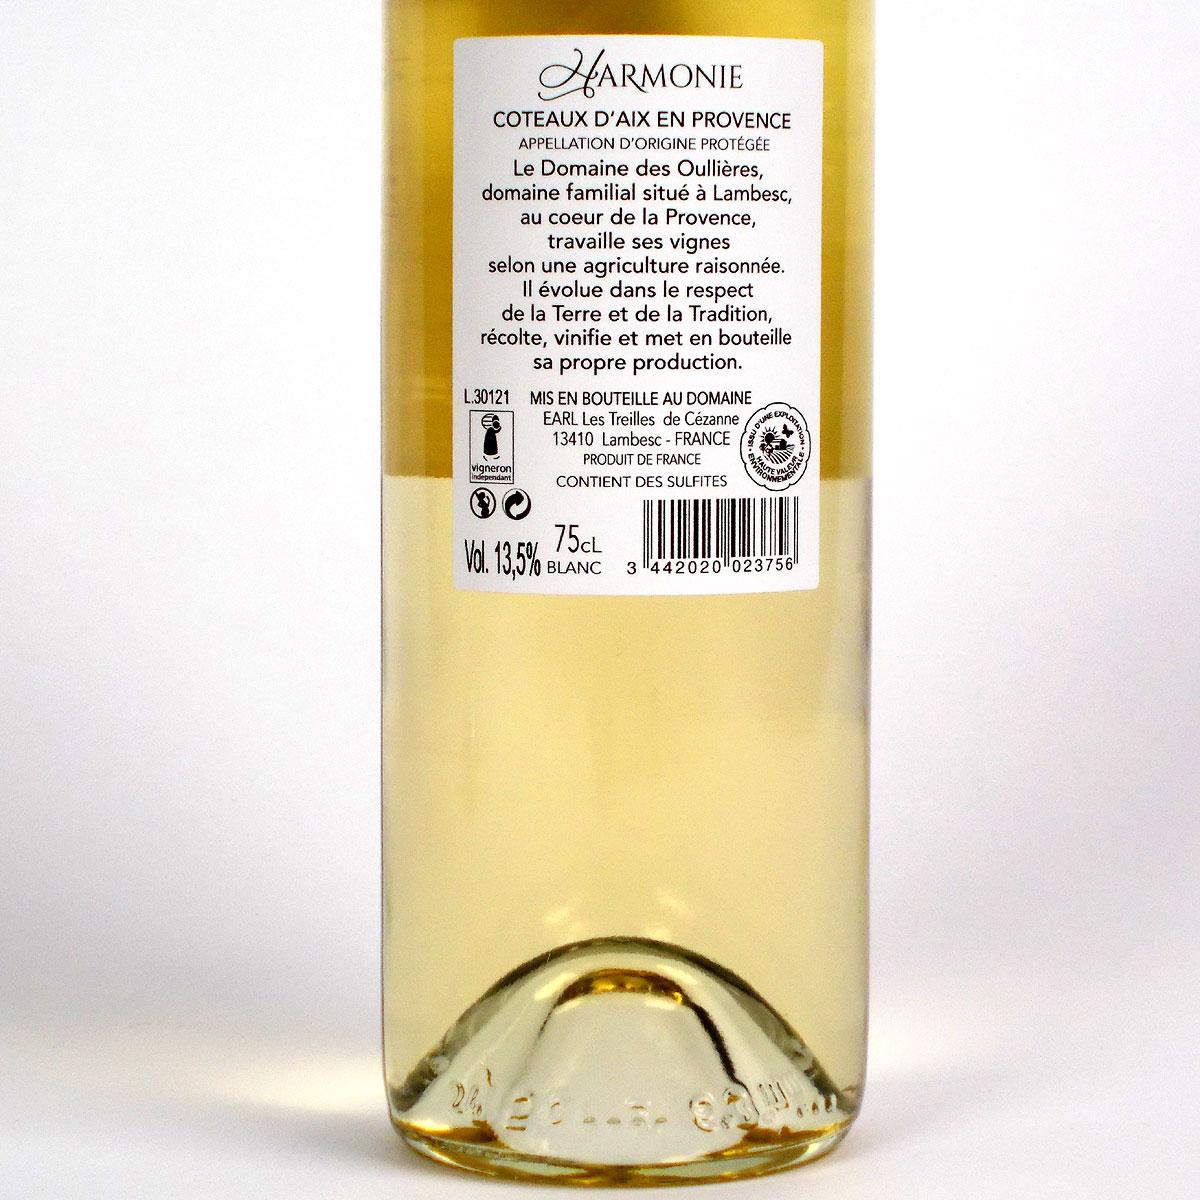 Coteaux d'Aix-en-Provence: Domaine des Oullières Blanc 2020 - Bottle Rear Label